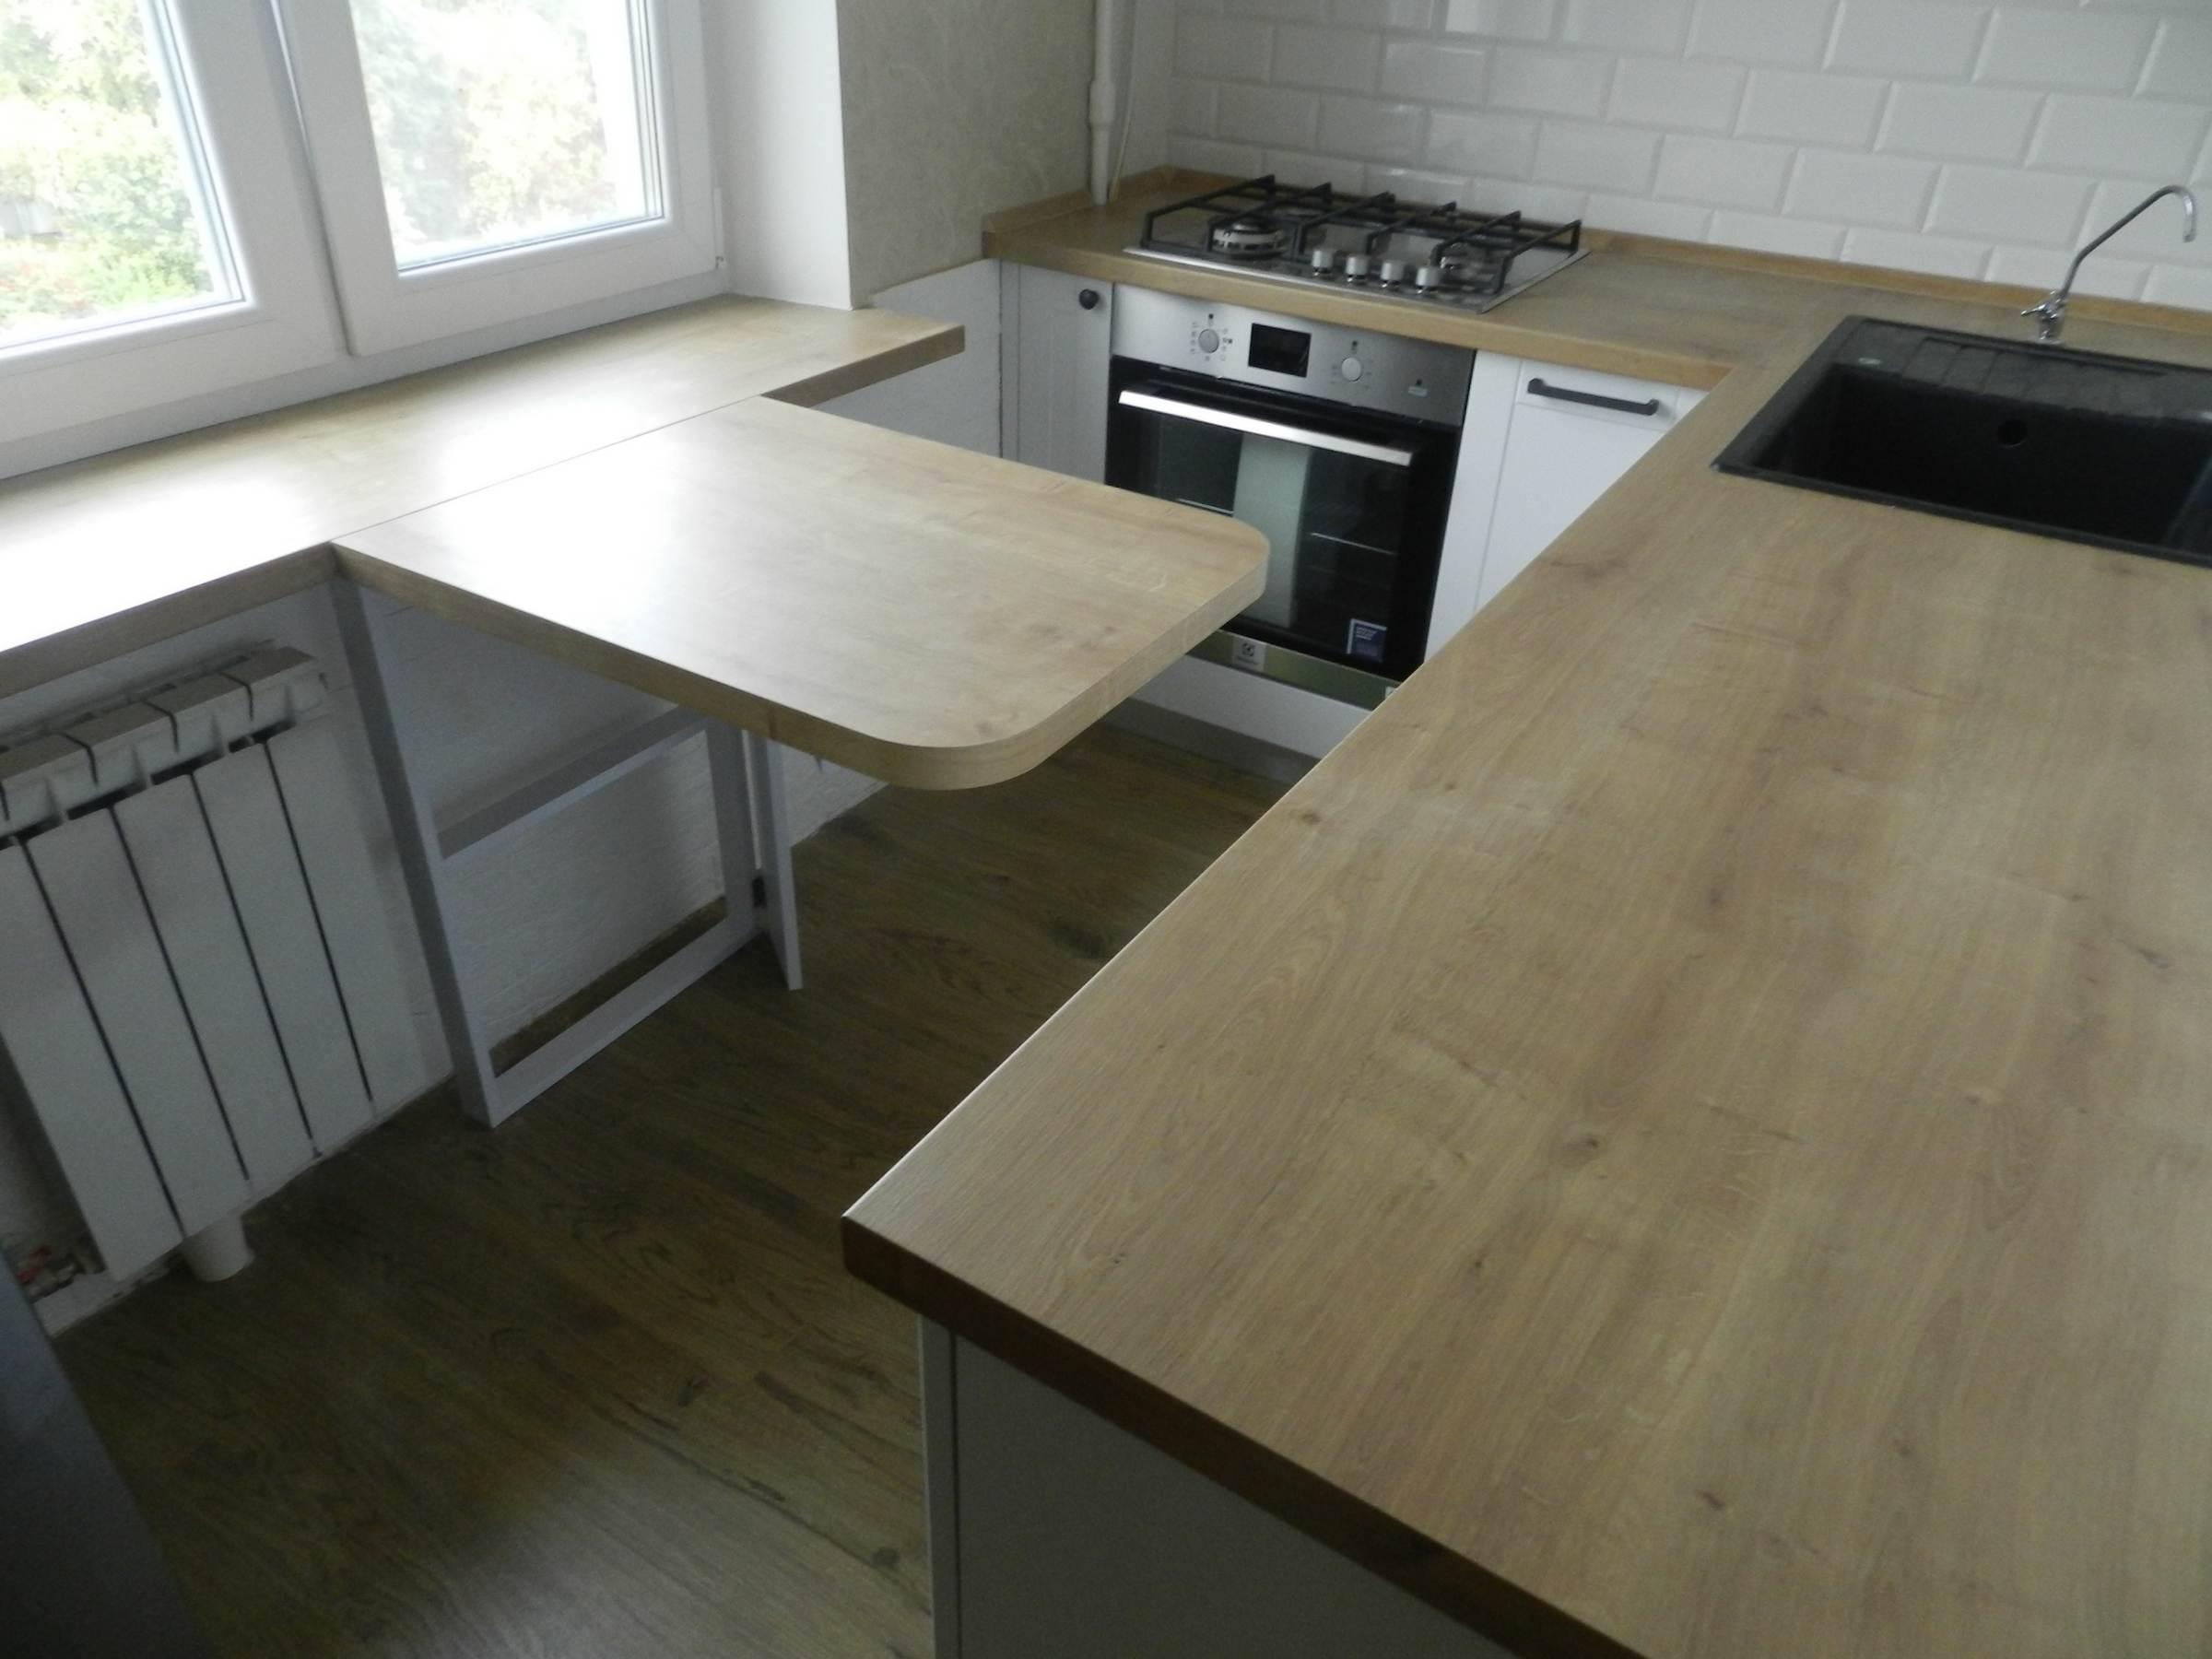 изготовление мебели на заказ от green-mebel.com.ua